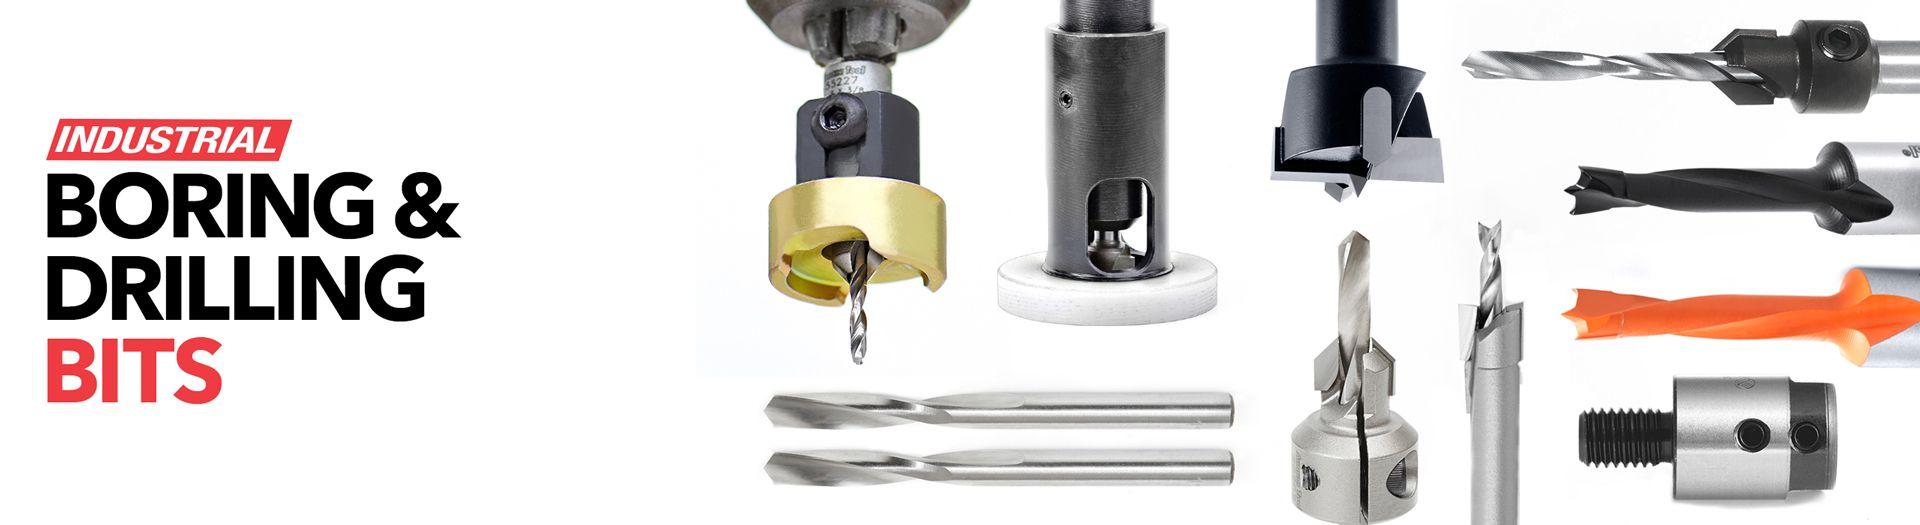 amana-boring-drilling-bits.jpg